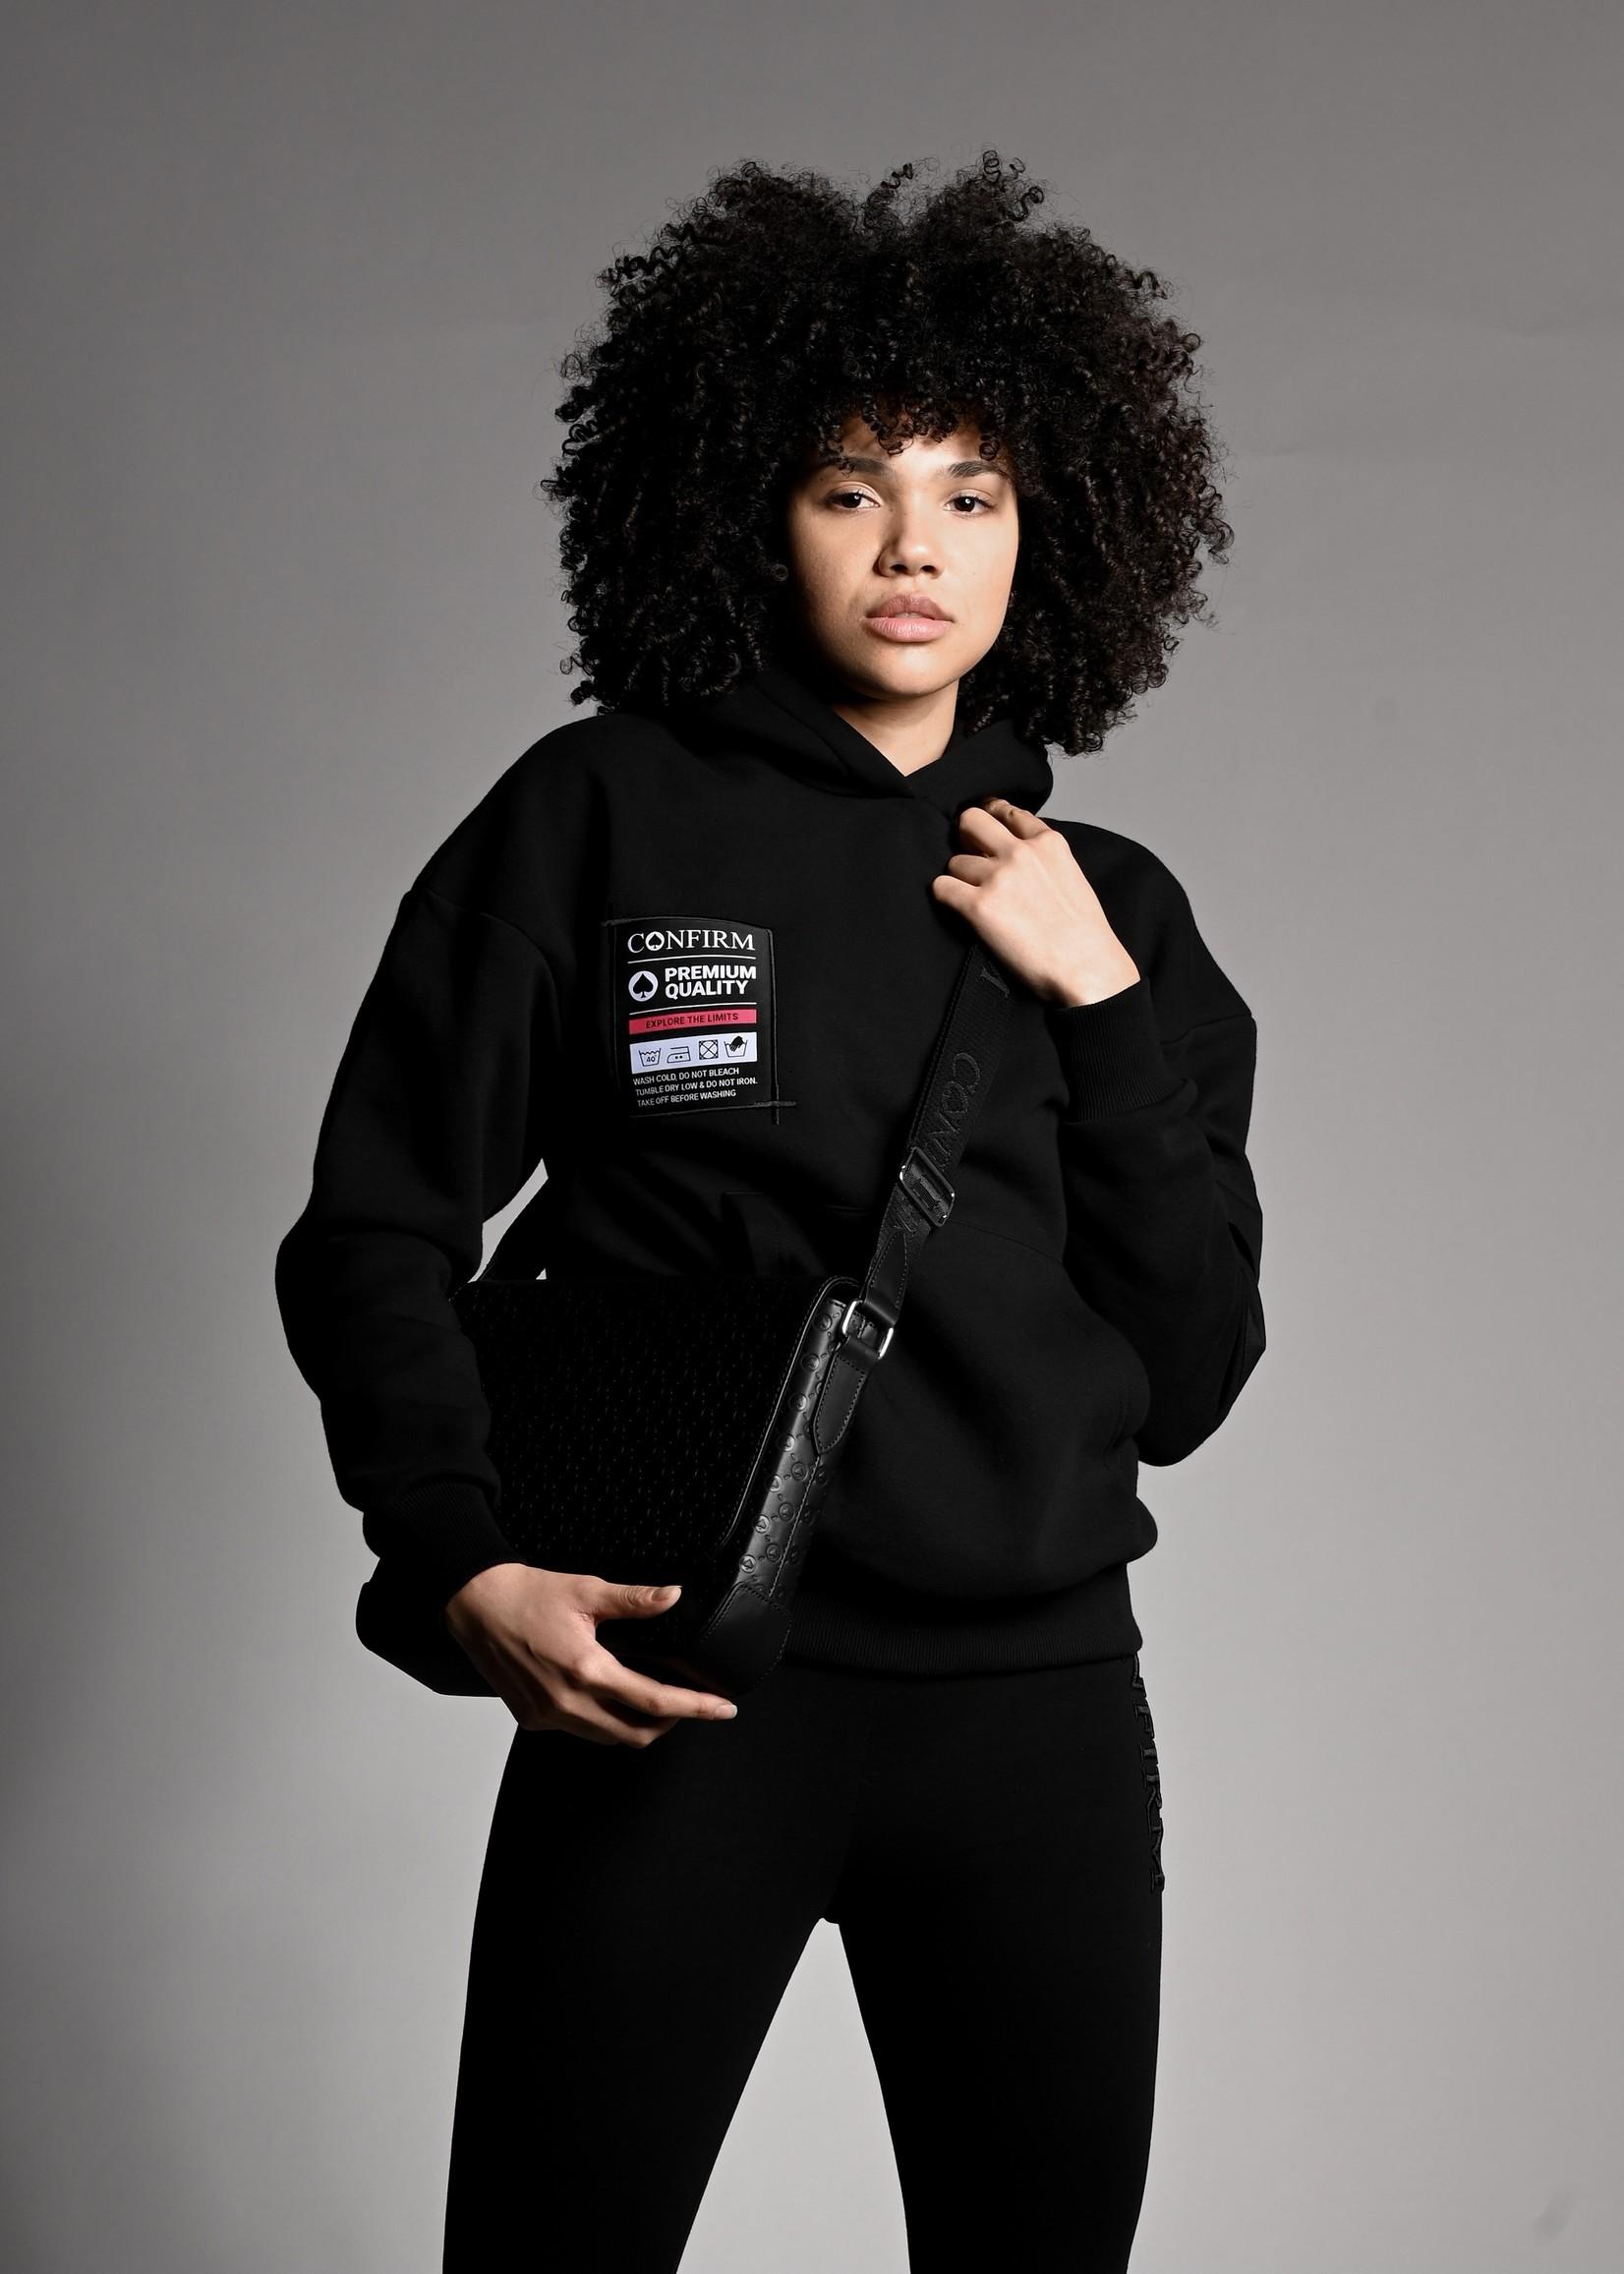 Confirm hoodie pocketlabel - black/pink